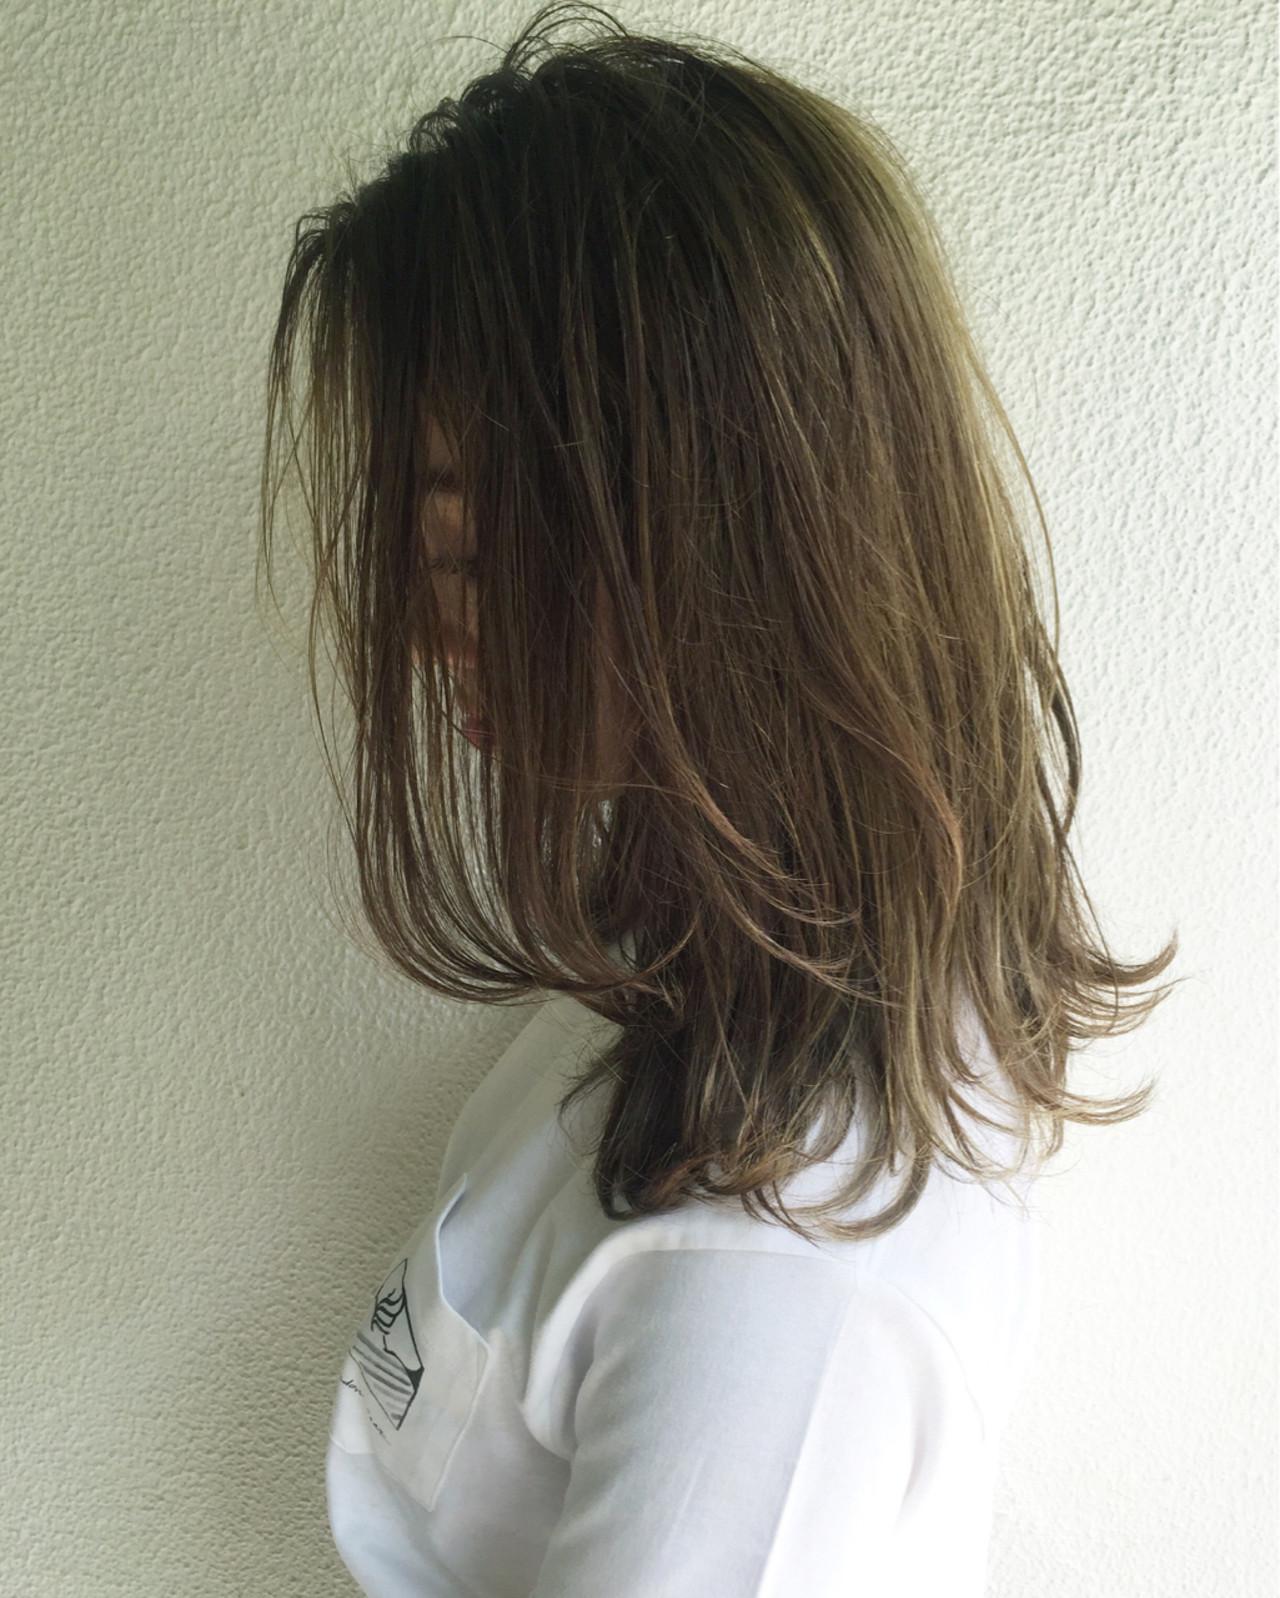 ハイライト グラデーションカラー ナチュラル 外国人風 ヘアスタイルや髪型の写真・画像